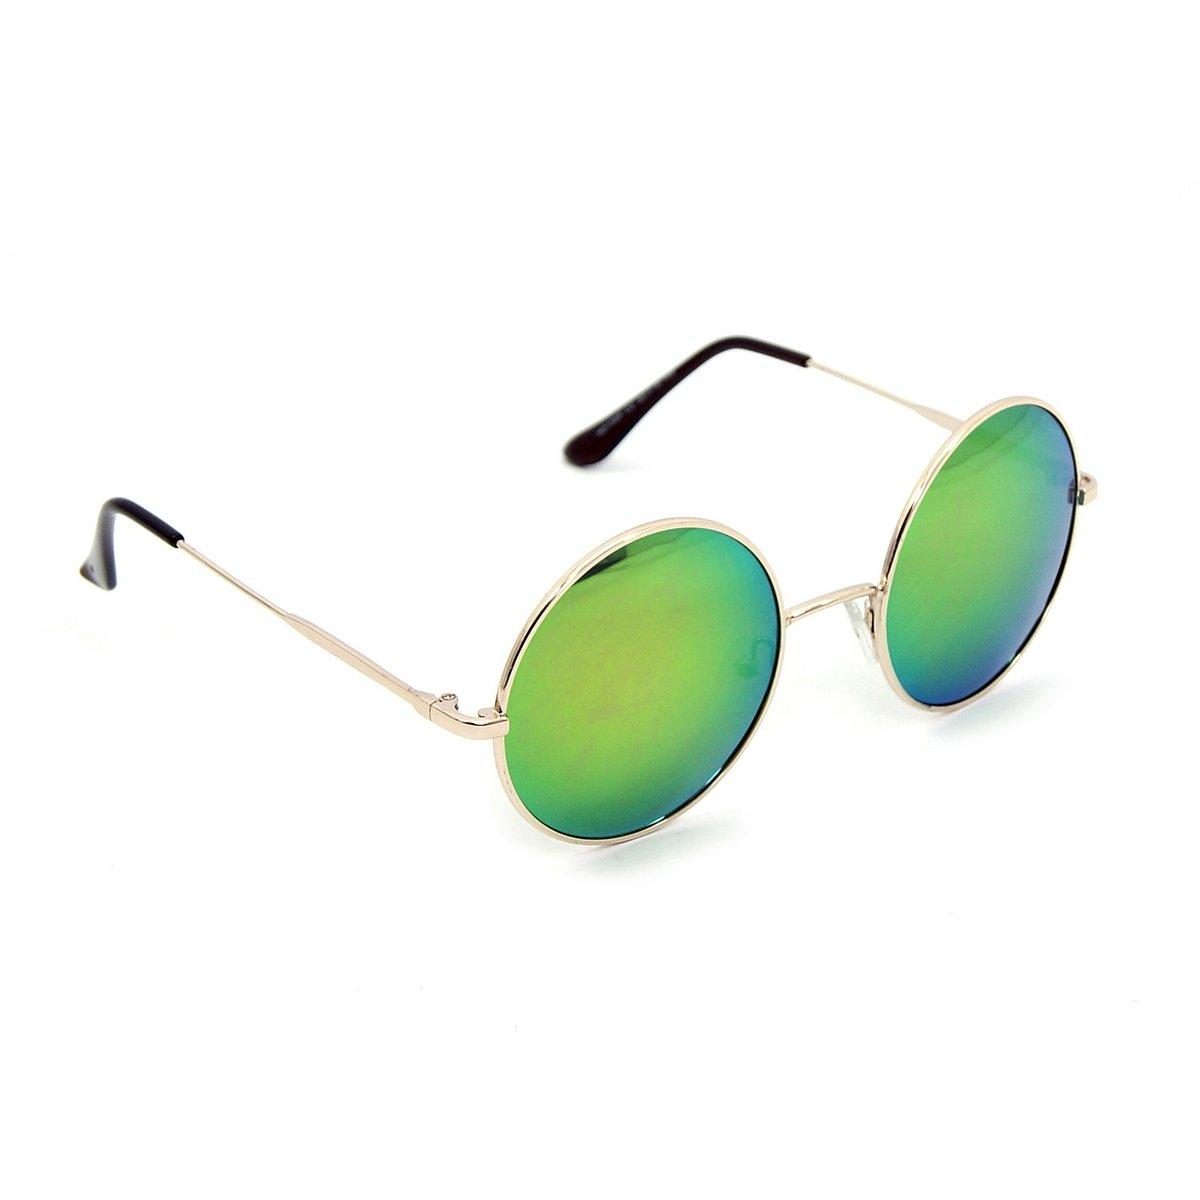 af53cc7cd5dfa Óculos Bijoulux de Sol Redondo Espelhado - Compre Agora